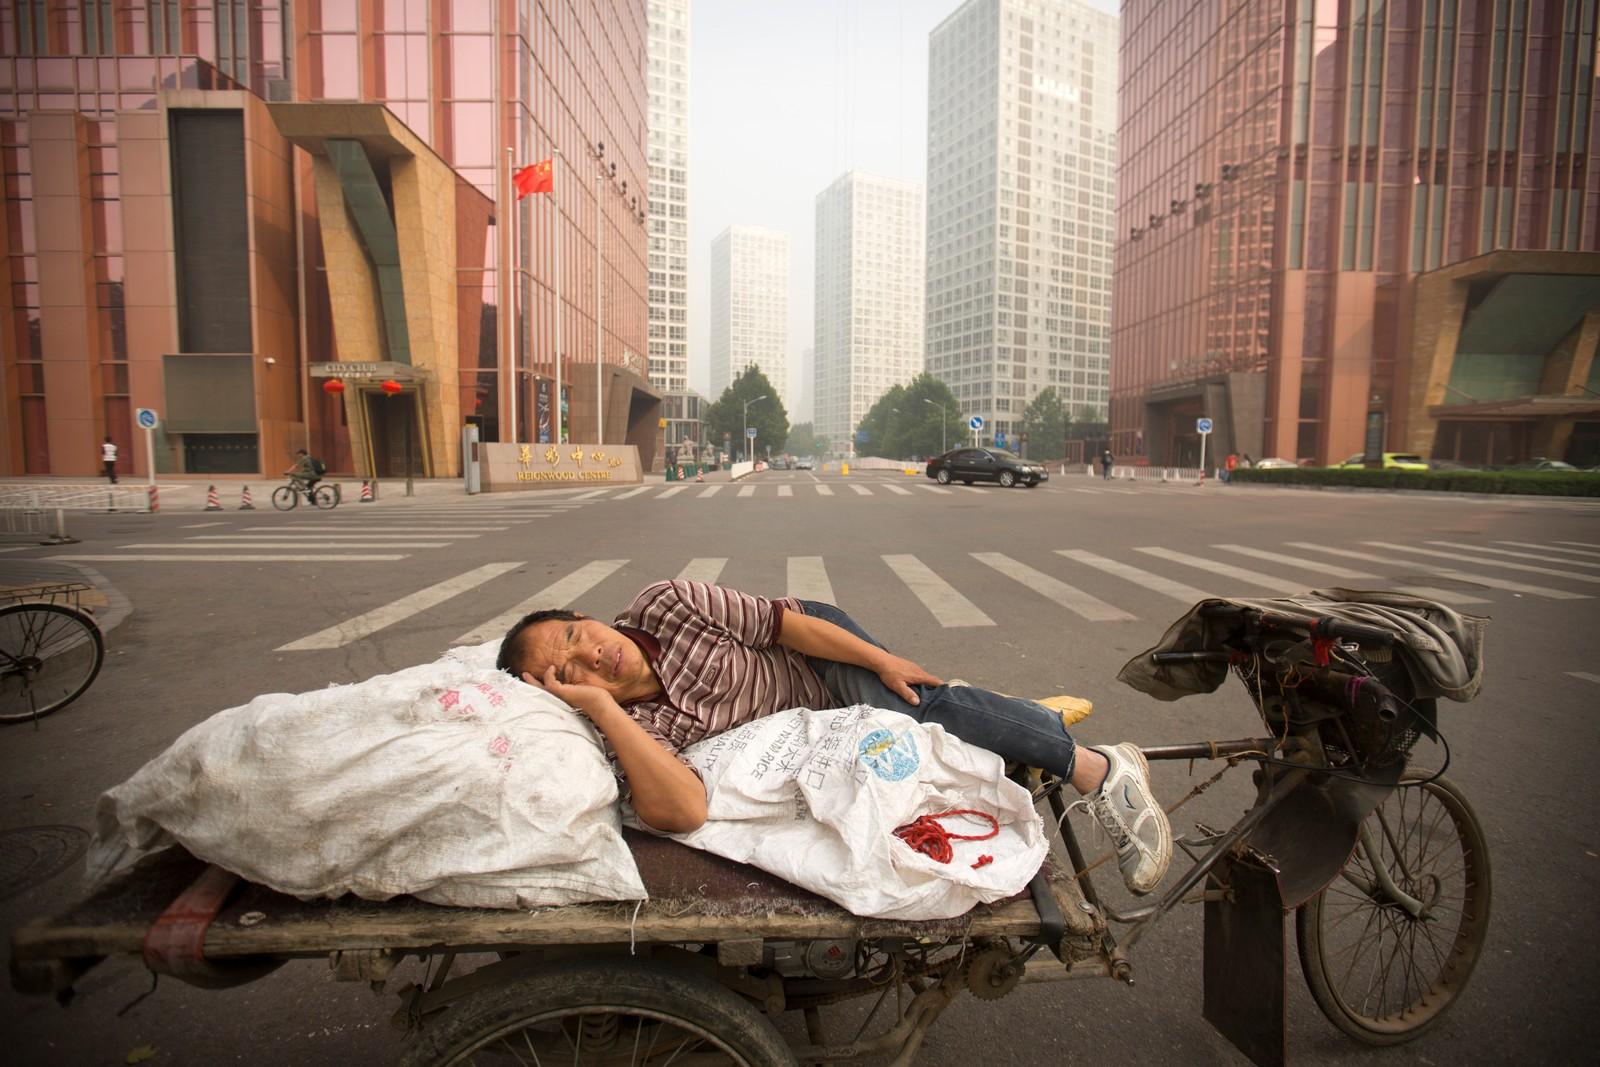 En mann tar seg en blund midt i gata på en veldig forurenset dag i Beijing. Måling av luftkvaliteten tirsdag denne uken viste nivåer som blir regnet som direkte farlige i internasjonal målestokk.